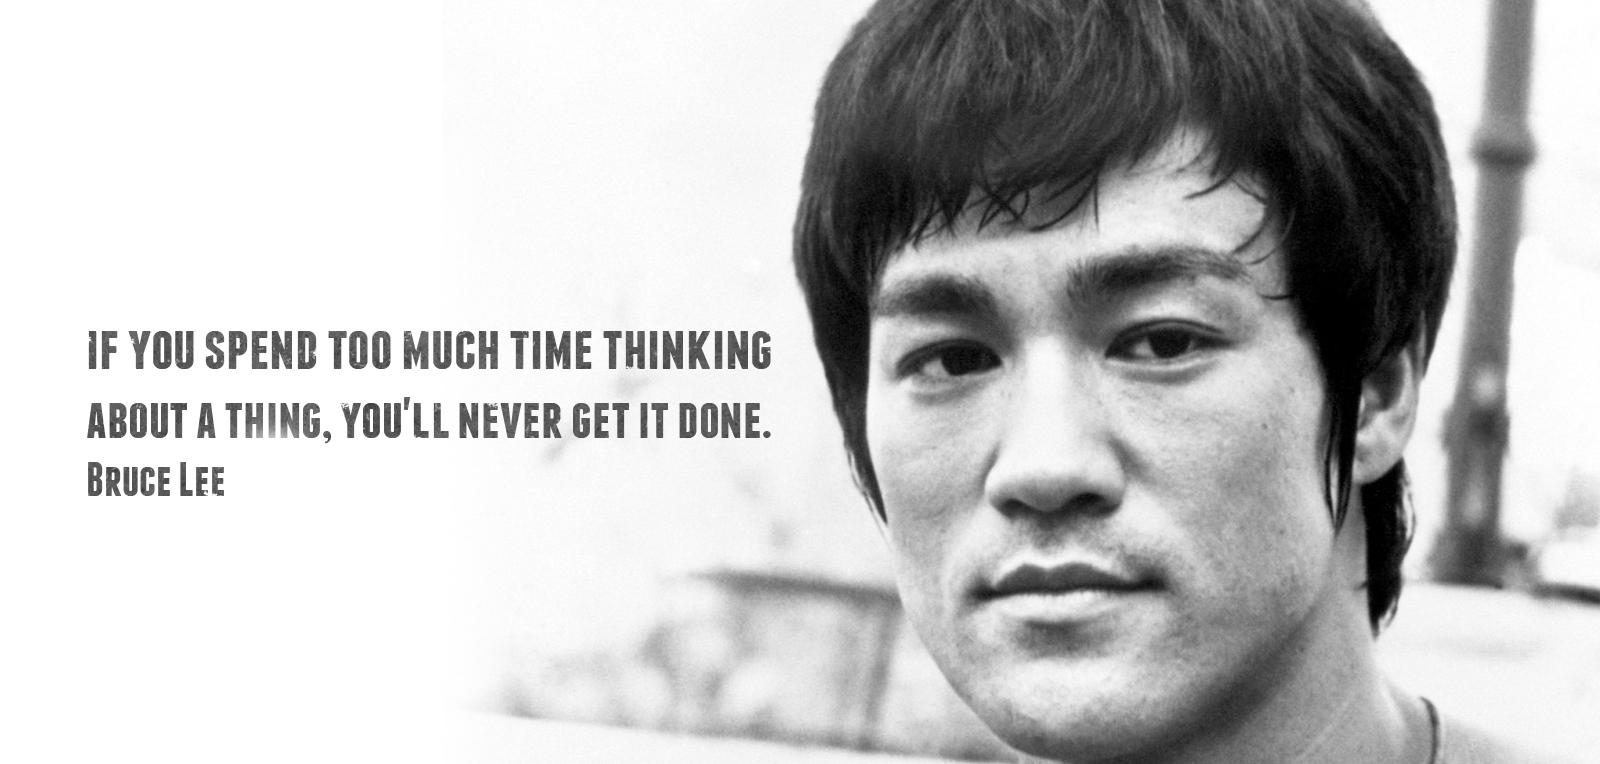 kata-kata mutiara motivasi  paling inspiratif